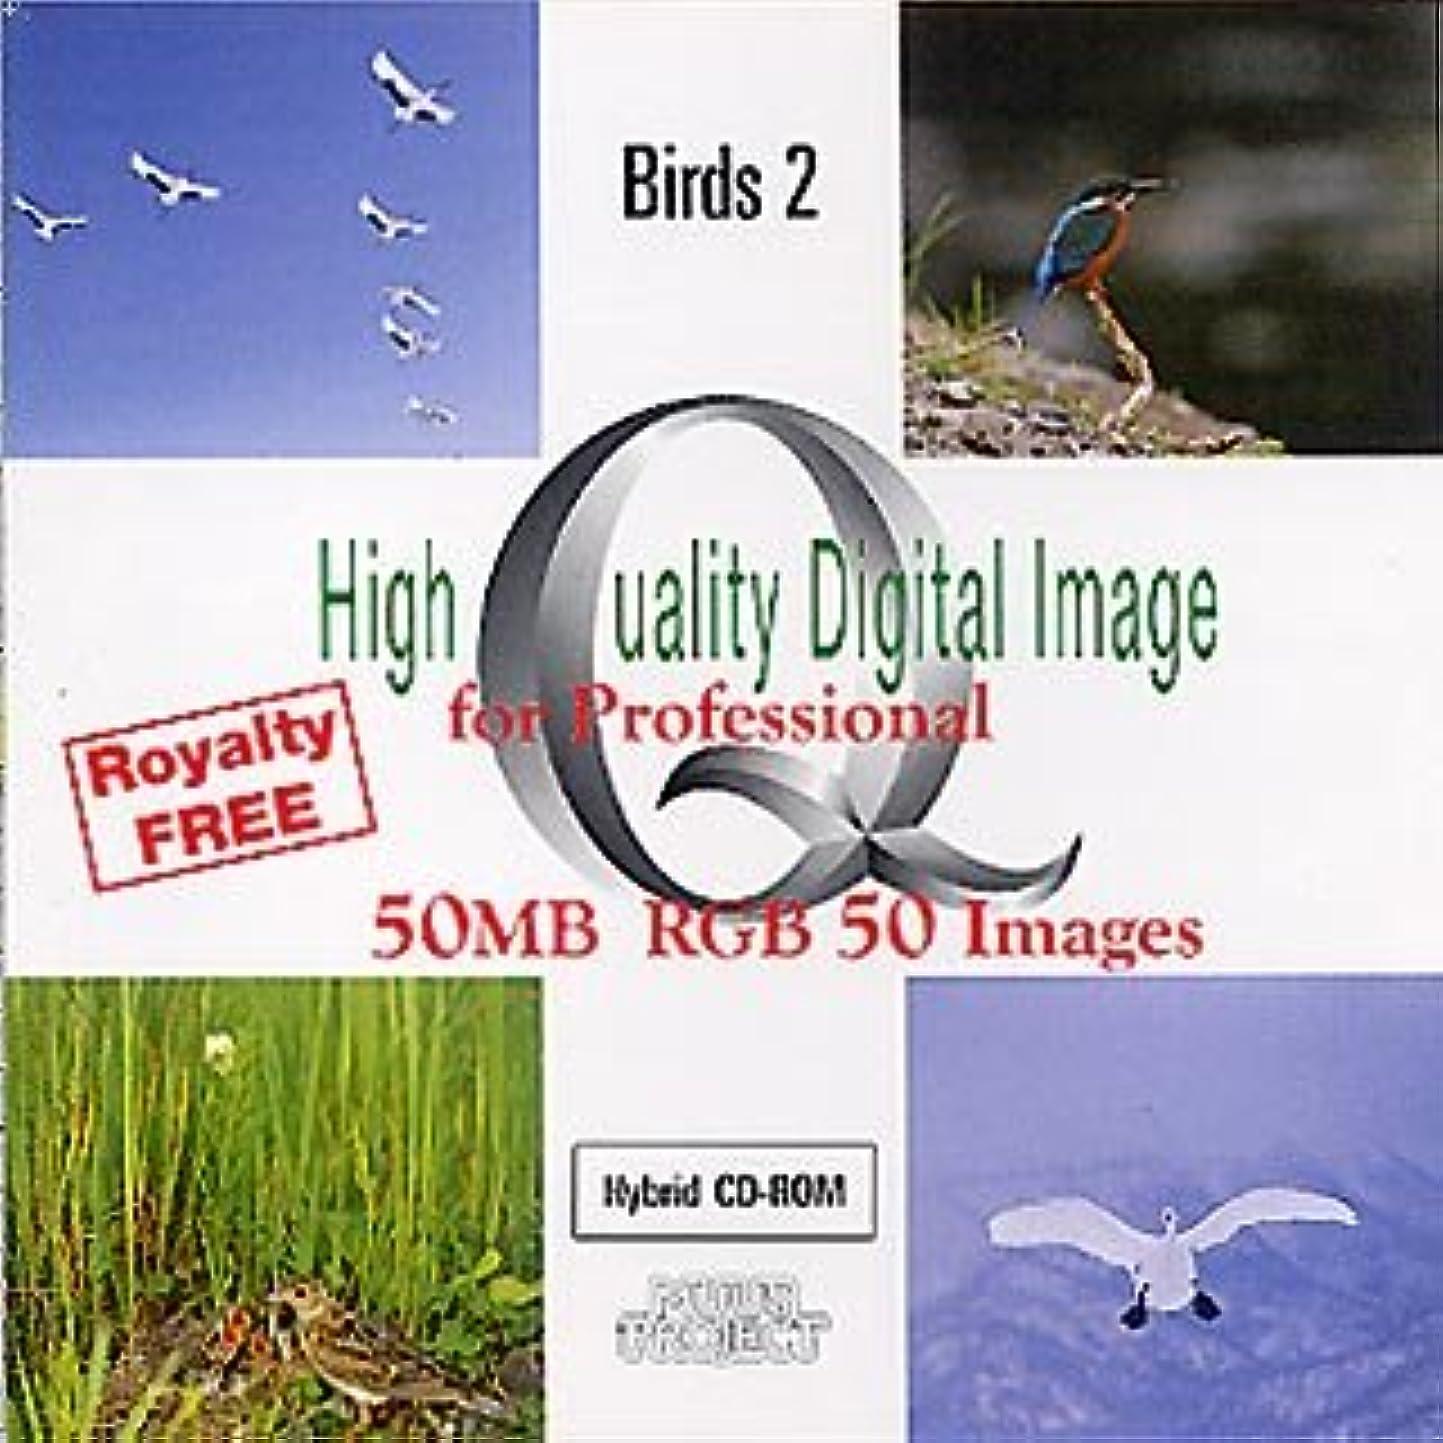 活性化するセッティング白菜High Quality Digital Image for Professional Birds 2